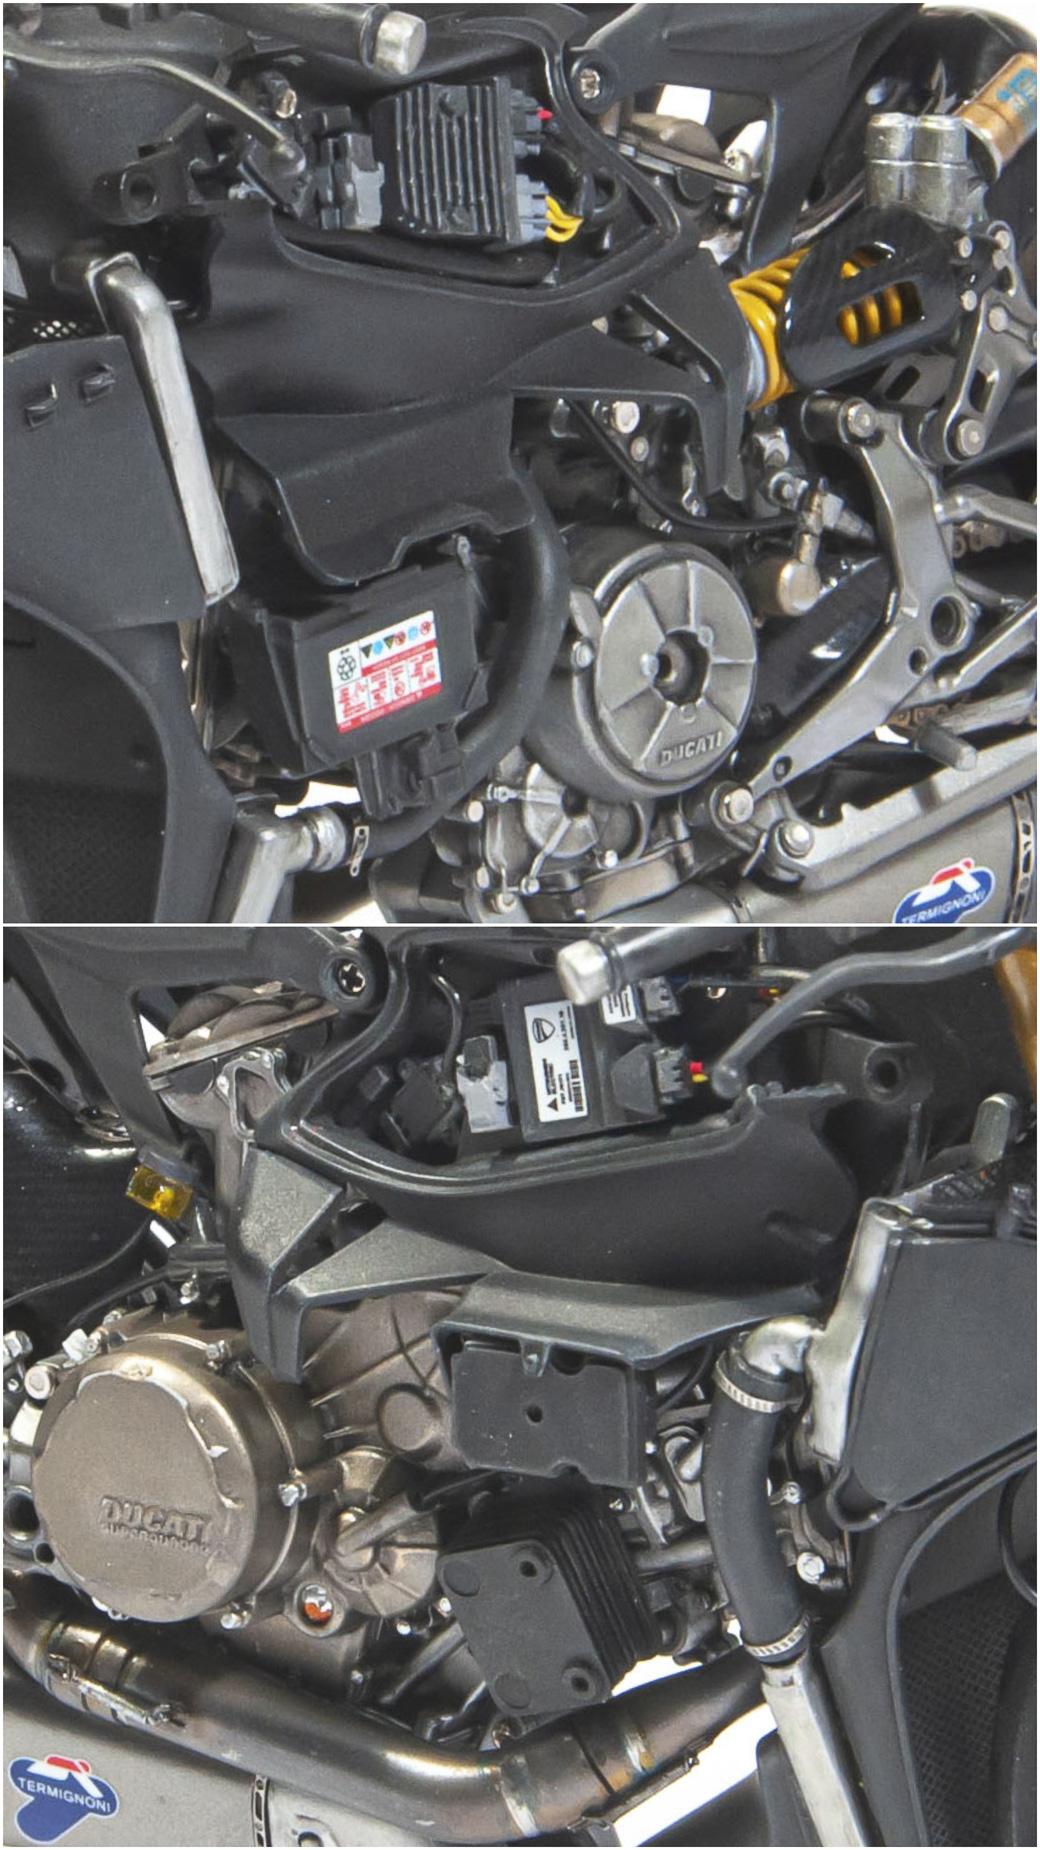 Ducati_20.jpg